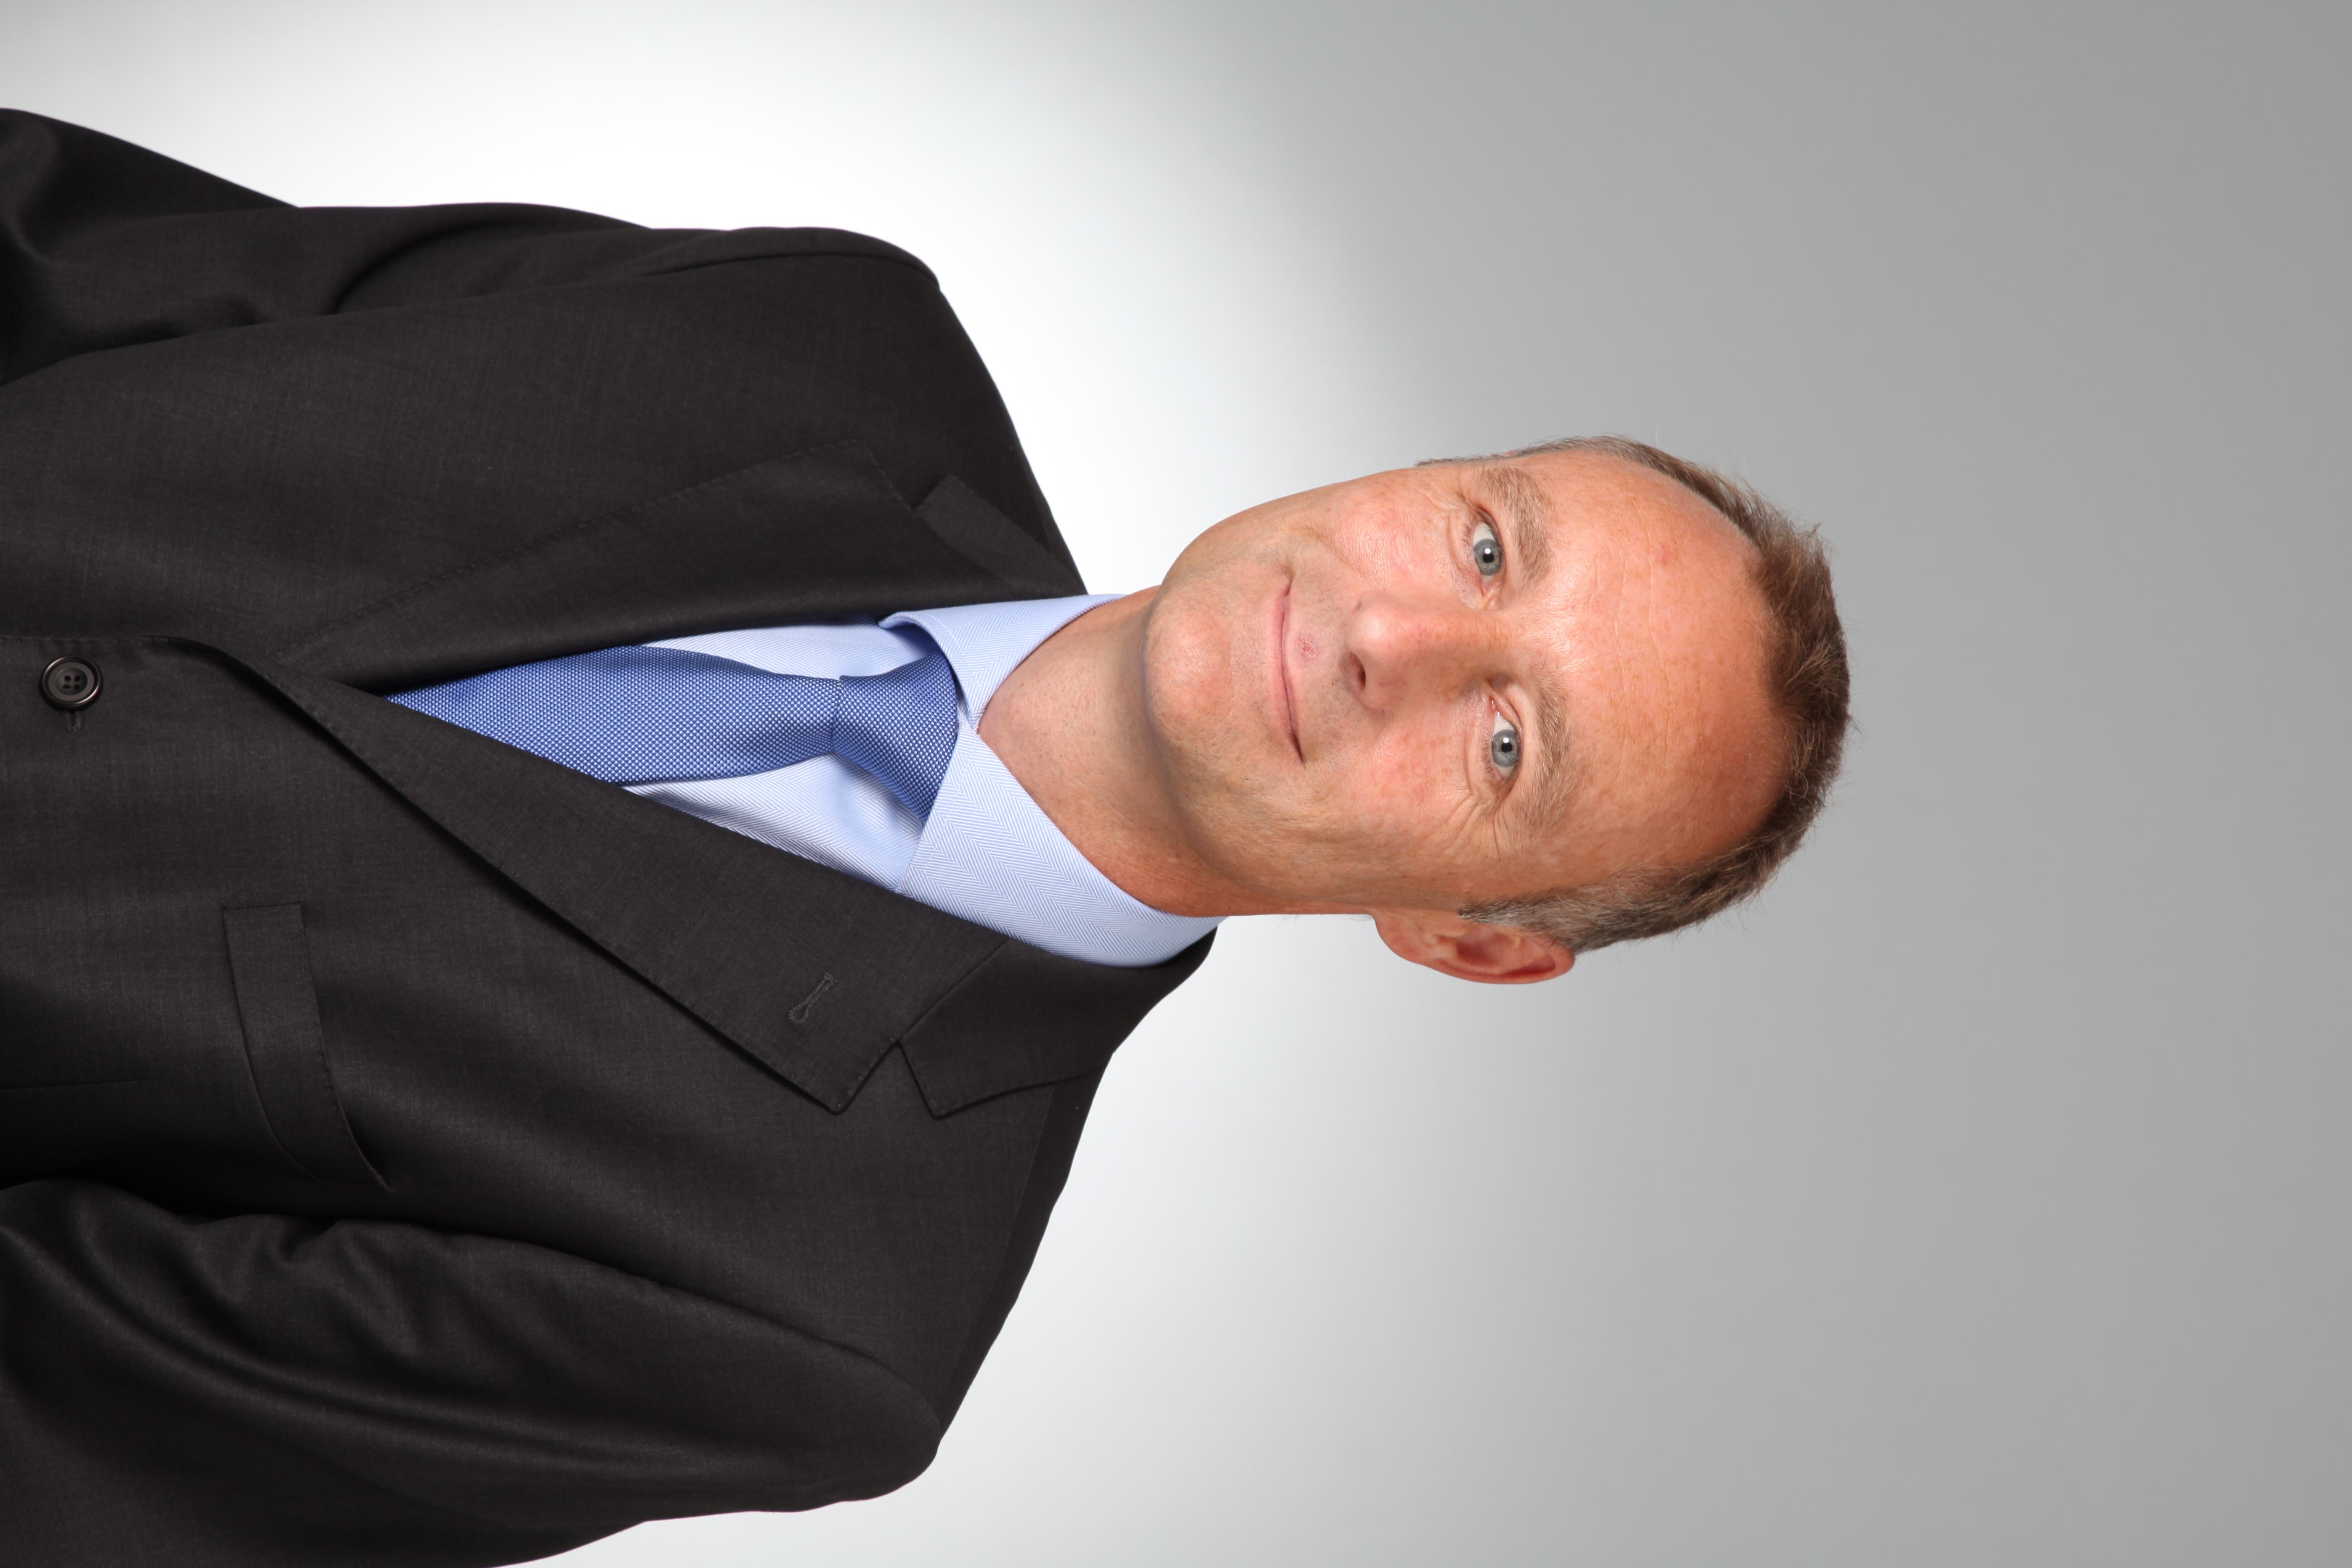 Pierre-Yves Diserens